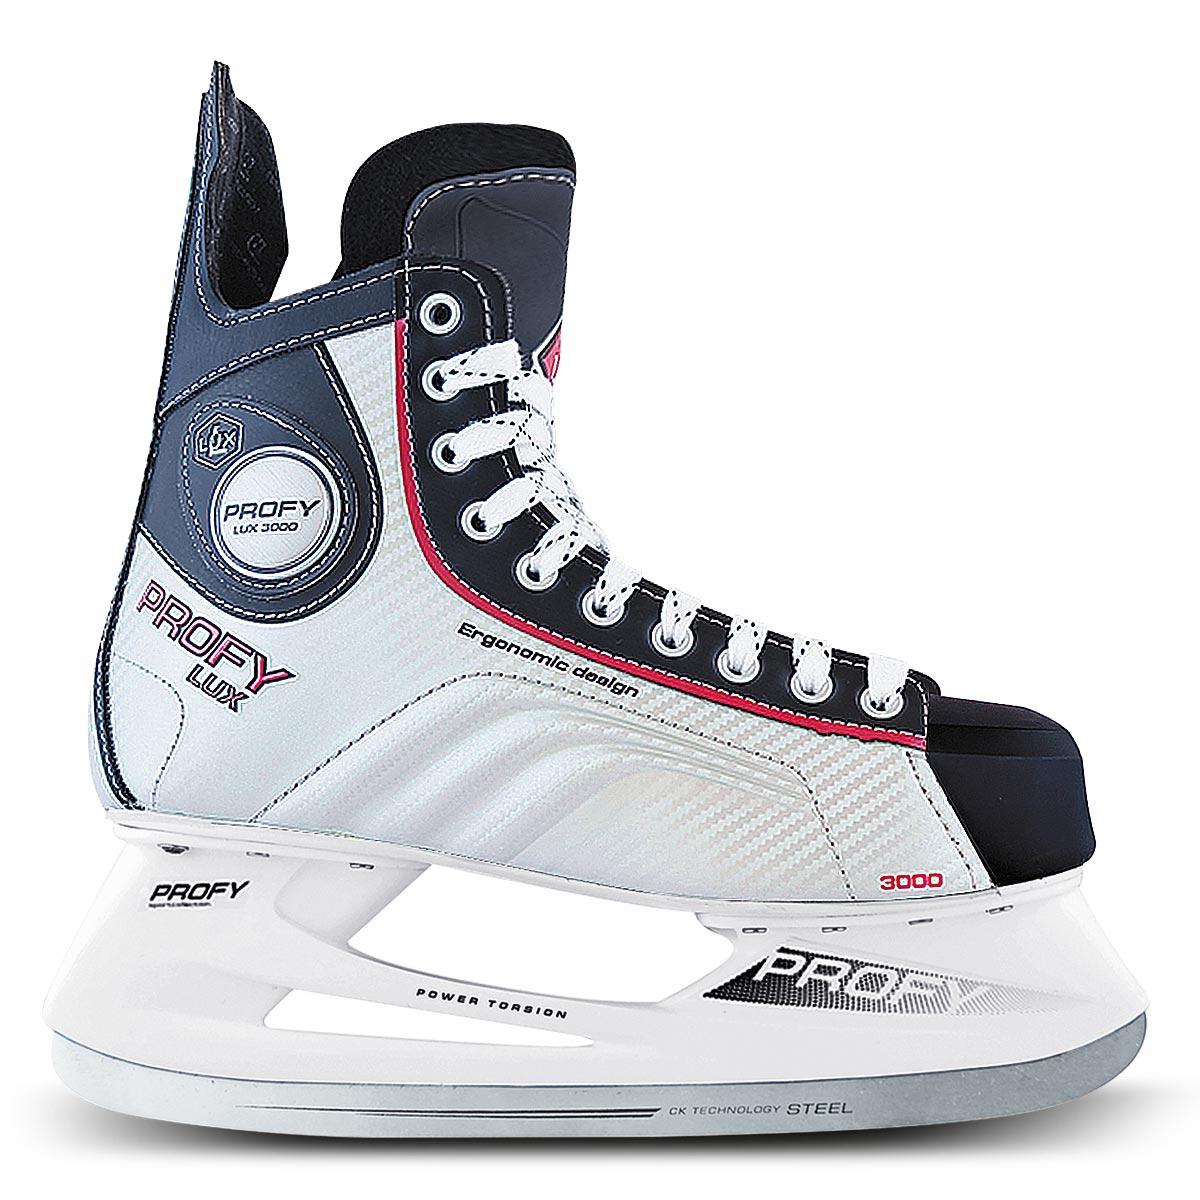 Коньки хоккейные мужские СК Profy Lux 3000, цвет: черный, серебряный, красный. Размер 41PROFY LUX 3000 Red_41Коньки хоккейные мужские СК Profy Lux 3000 прекрасно подойдут для профессиональных игроков в хоккей. Ботинок выполнен из морозоустойчивой искусственной кожи и специального резистентного ПВХ, а язычок - из двухслойного войлока и искусственной кожи. Слоевая композитная технология позволила изготовить ботинок, полностью обволакивающий ногу. Это обеспечивает прочную и удобную фиксацию ноги, повышает защиту от ударов. Ботинок изготовлен с учетом антропометрии стоп россиян, что обеспечивает комфорт и устойчивость ноги, правильное распределение нагрузки, сильно снижает травмоопасность. Конструкция носка ботинка, изготовленного из ударопрочного энергопоглощающего термопластичного полиуретана Hytrel® (DuPont), обеспечивает увеличенную надежность защиты передней части ступни от ударов. Усиленные боковины ботинка из формованного PVC укрепляют боковую часть ботинка и дополнительно защищают ступню от ударов за счет поглощения энергии. Тип застежки ботинок – классическая шнуровка. Стелька из упругого пенного полимерного материала EVA гарантирует комфортное положение ноги в ботинке, обеспечивает быструю адаптацию ботинка к индивидуальным формам ноги, не теряет упругости при изменении температуры и не разрушается от воздействия пота и влаги. Легкая прочная низкопрофильная полимерная подошва инжекционного формования практически без потерь передает энергию от толчка ноги к лезвию – быстрее набор скорости, резче повороты и остановки, острее чувство льда. Лезвие из нержавеющей стали 420J обеспечит превосходное скольжение.